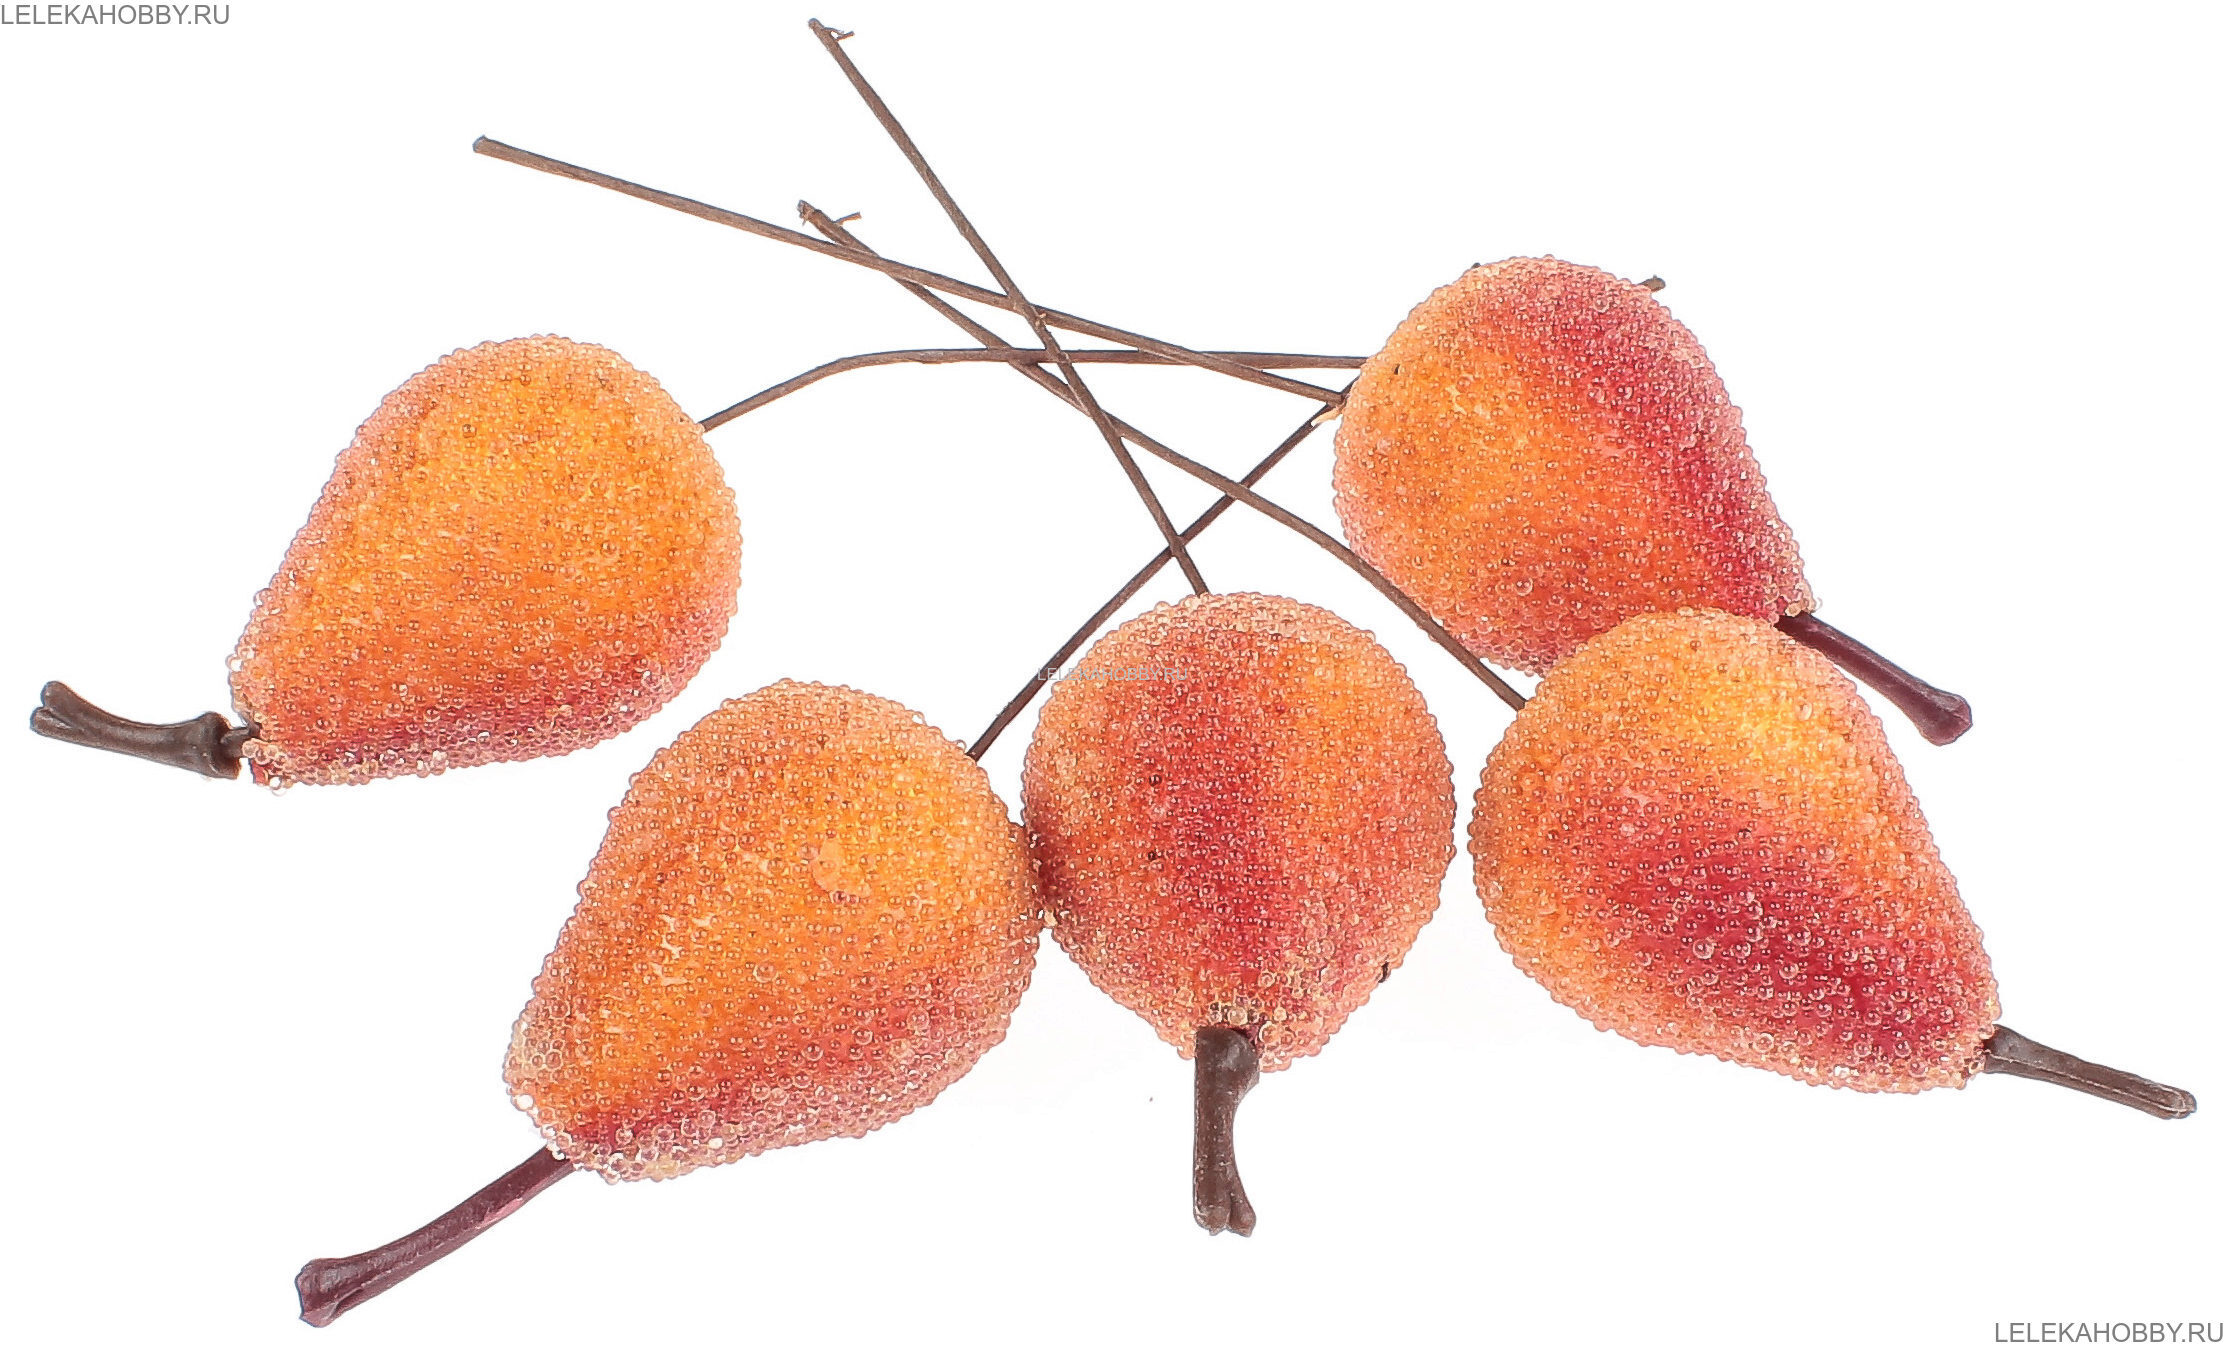 Картинки по запросу Фрукты и ягоды в сахаре Груши